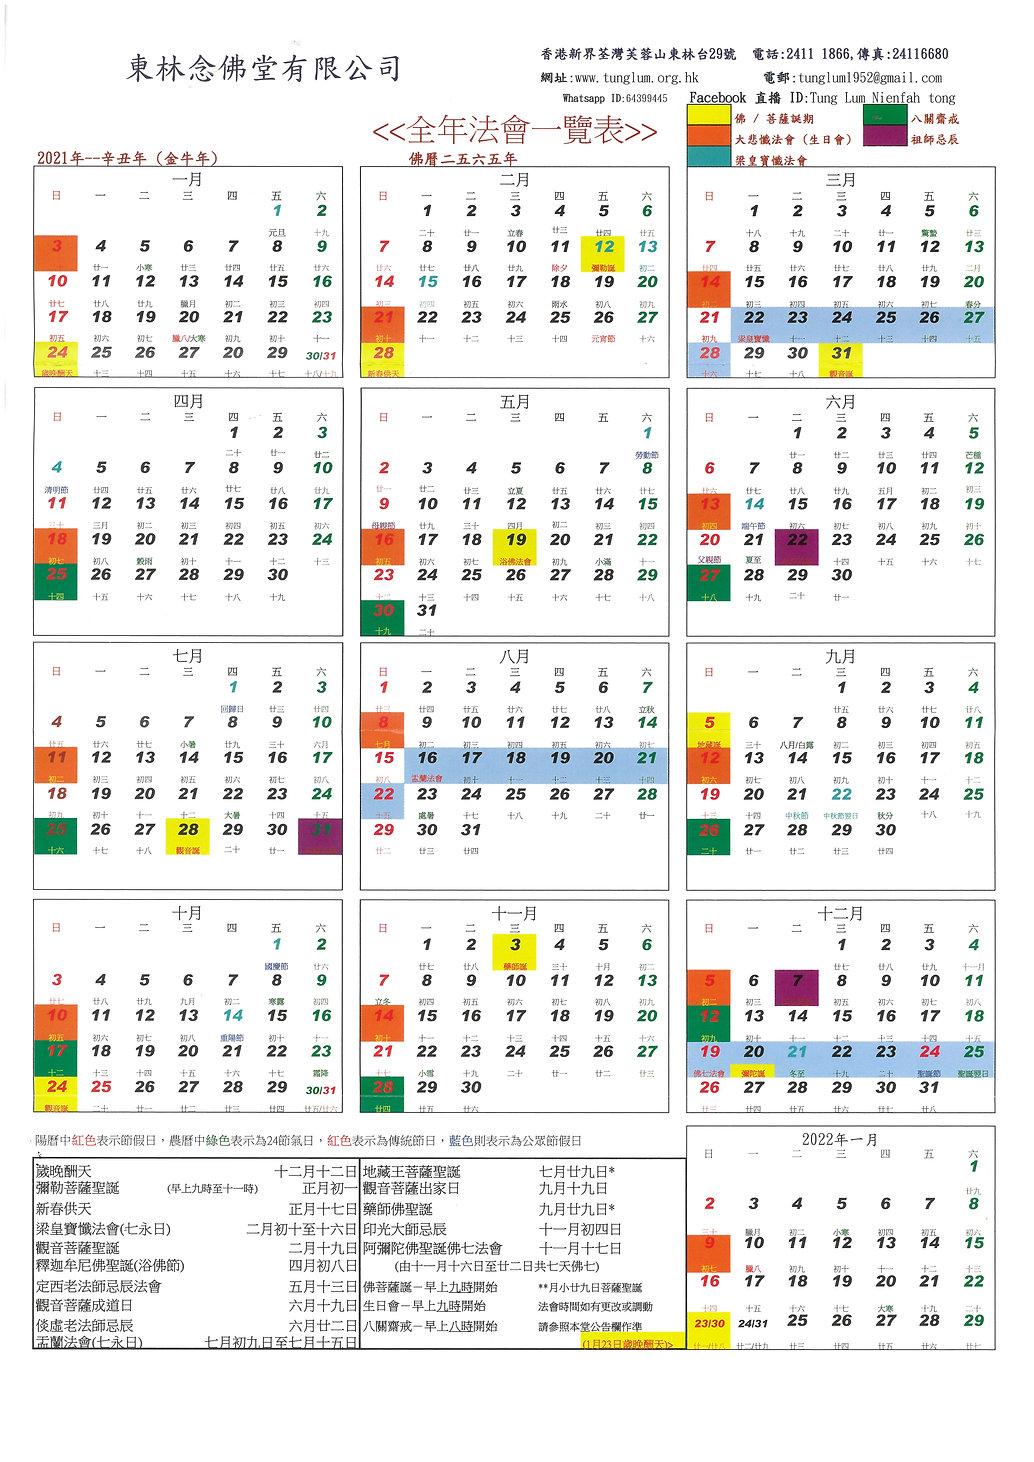 東林全年法會表 2021年.jpg